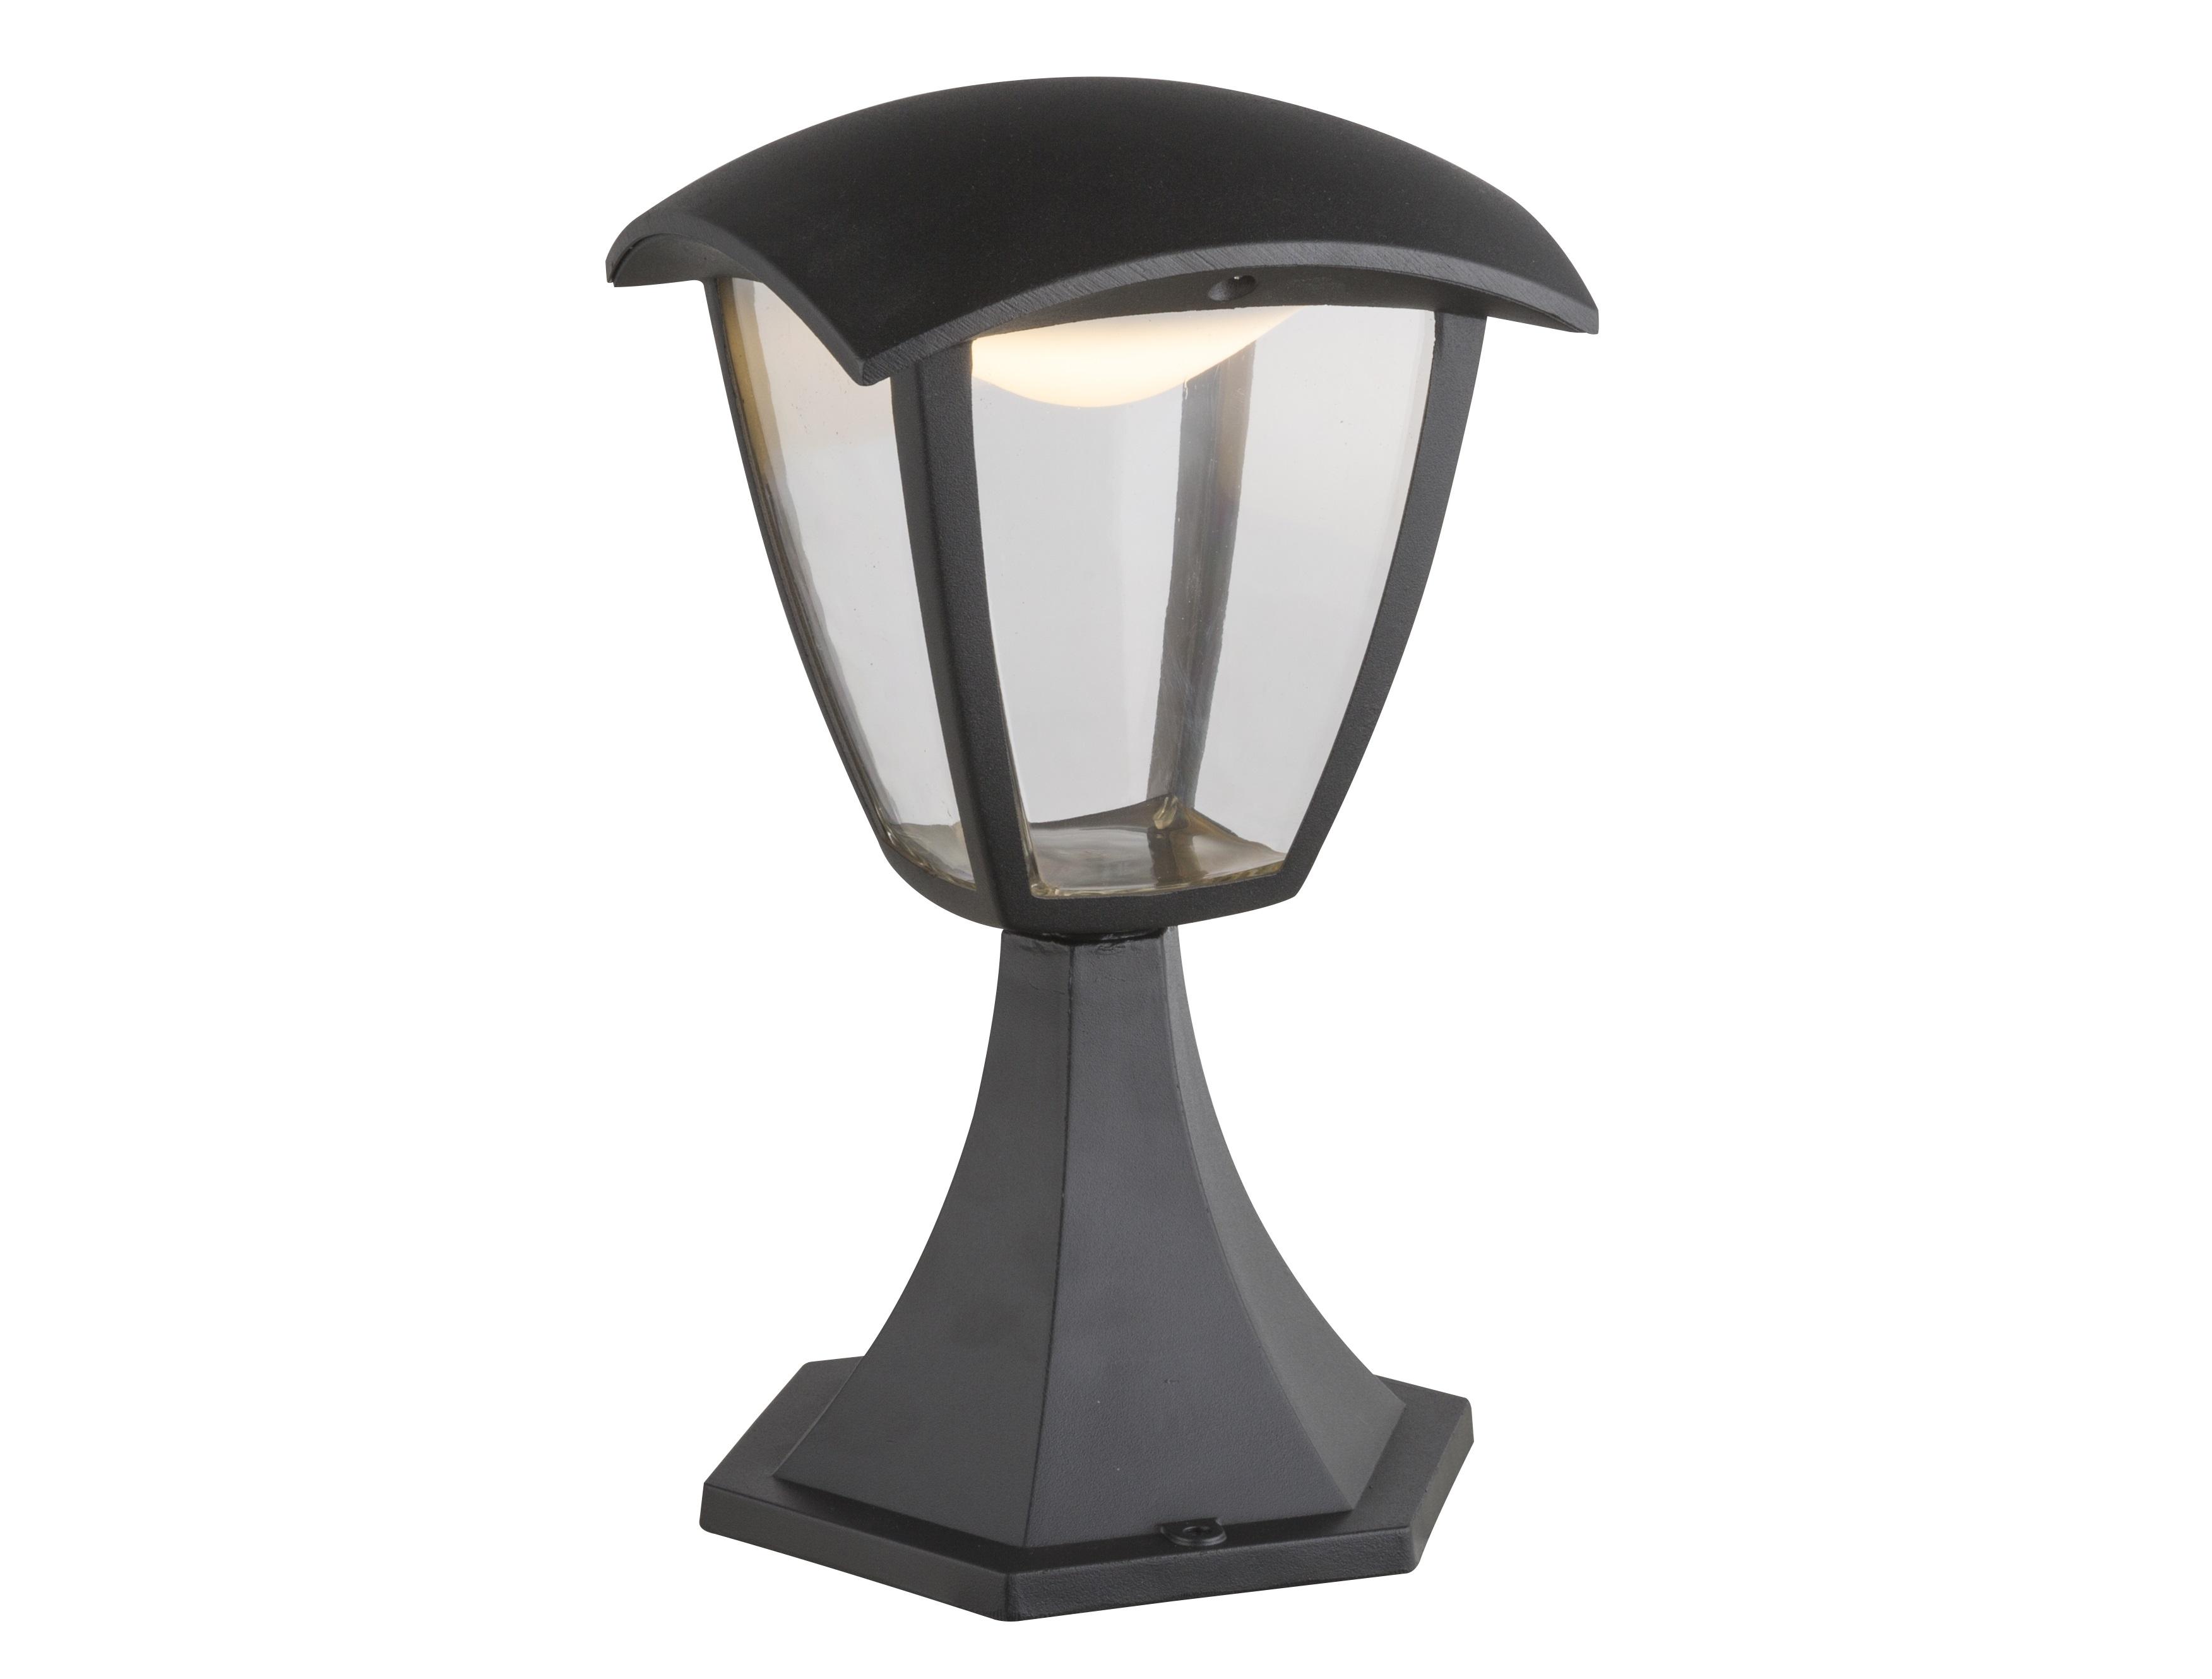 Светильник уличныйУличные наземные светильники<br>&amp;lt;div&amp;gt;Тип цоколя: LED&amp;lt;/div&amp;gt;&amp;lt;div&amp;gt;Мощность: 7W&amp;lt;/div&amp;gt;&amp;lt;div&amp;gt;Кол-во ламп: 1 (в комплекте)&amp;lt;/div&amp;gt;<br><br>Material: Металл<br>Ширина см: 16<br>Высота см: 28<br>Глубина см: 16